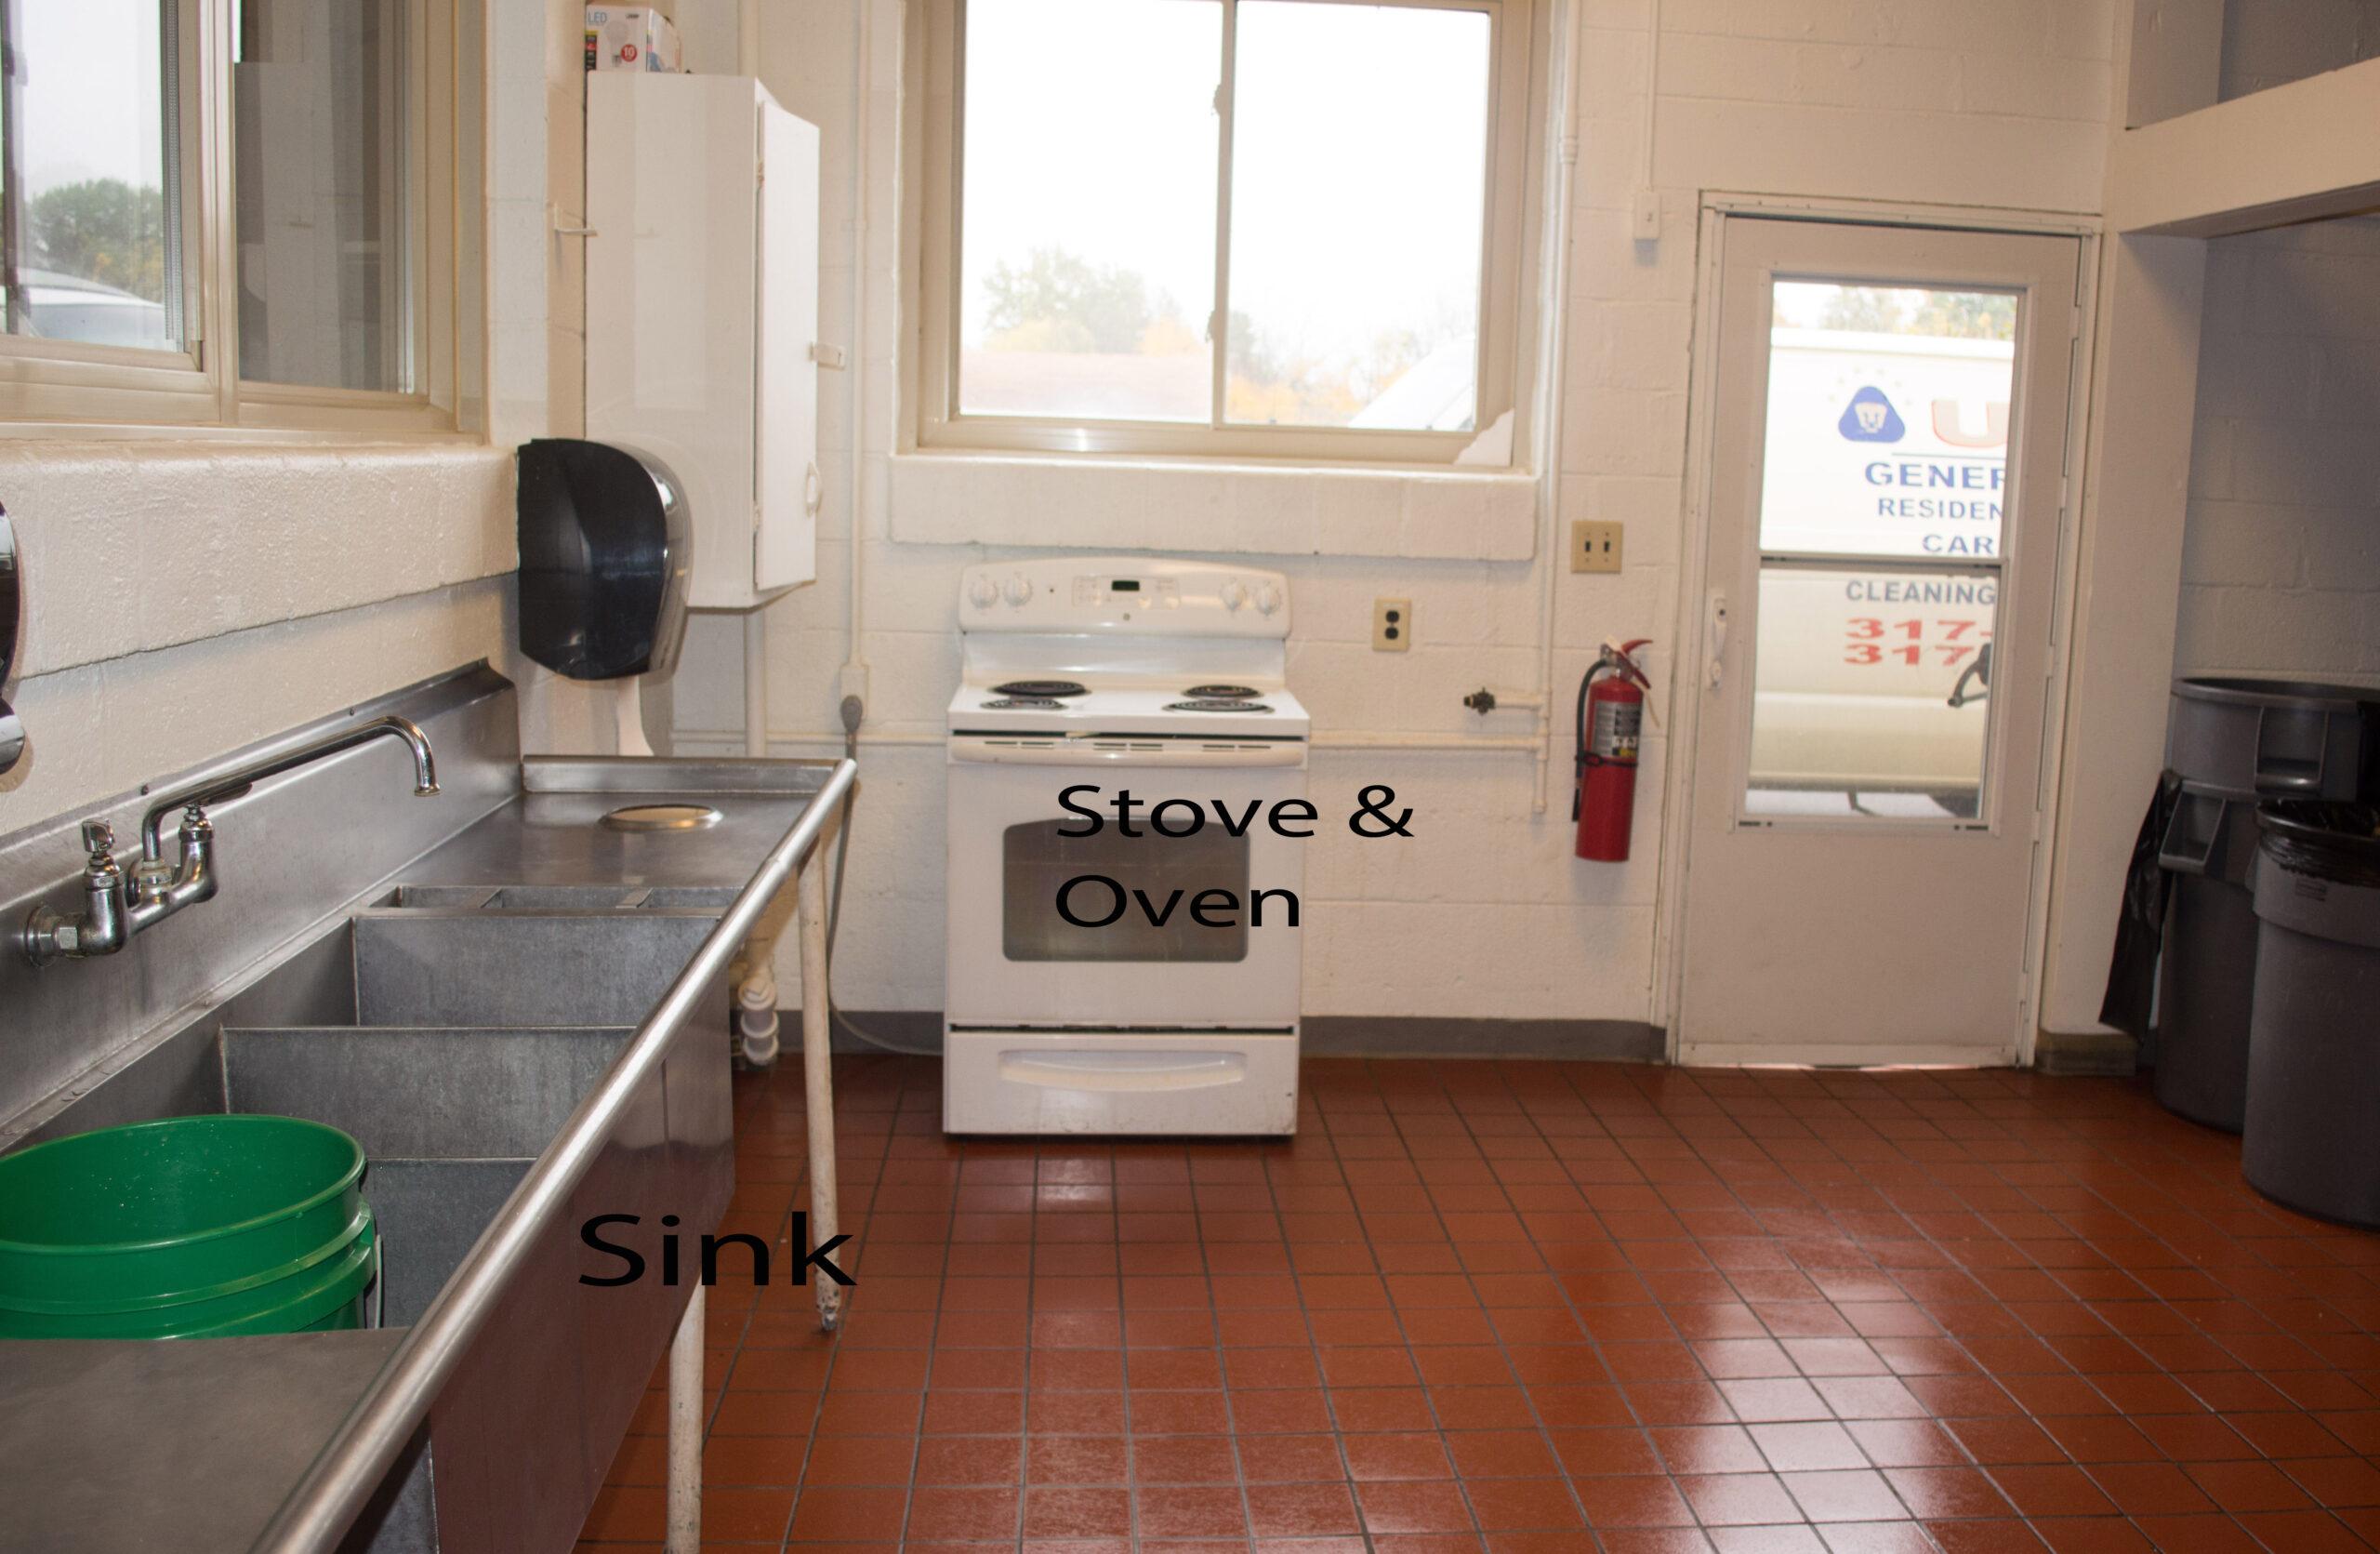 Stove kitchen